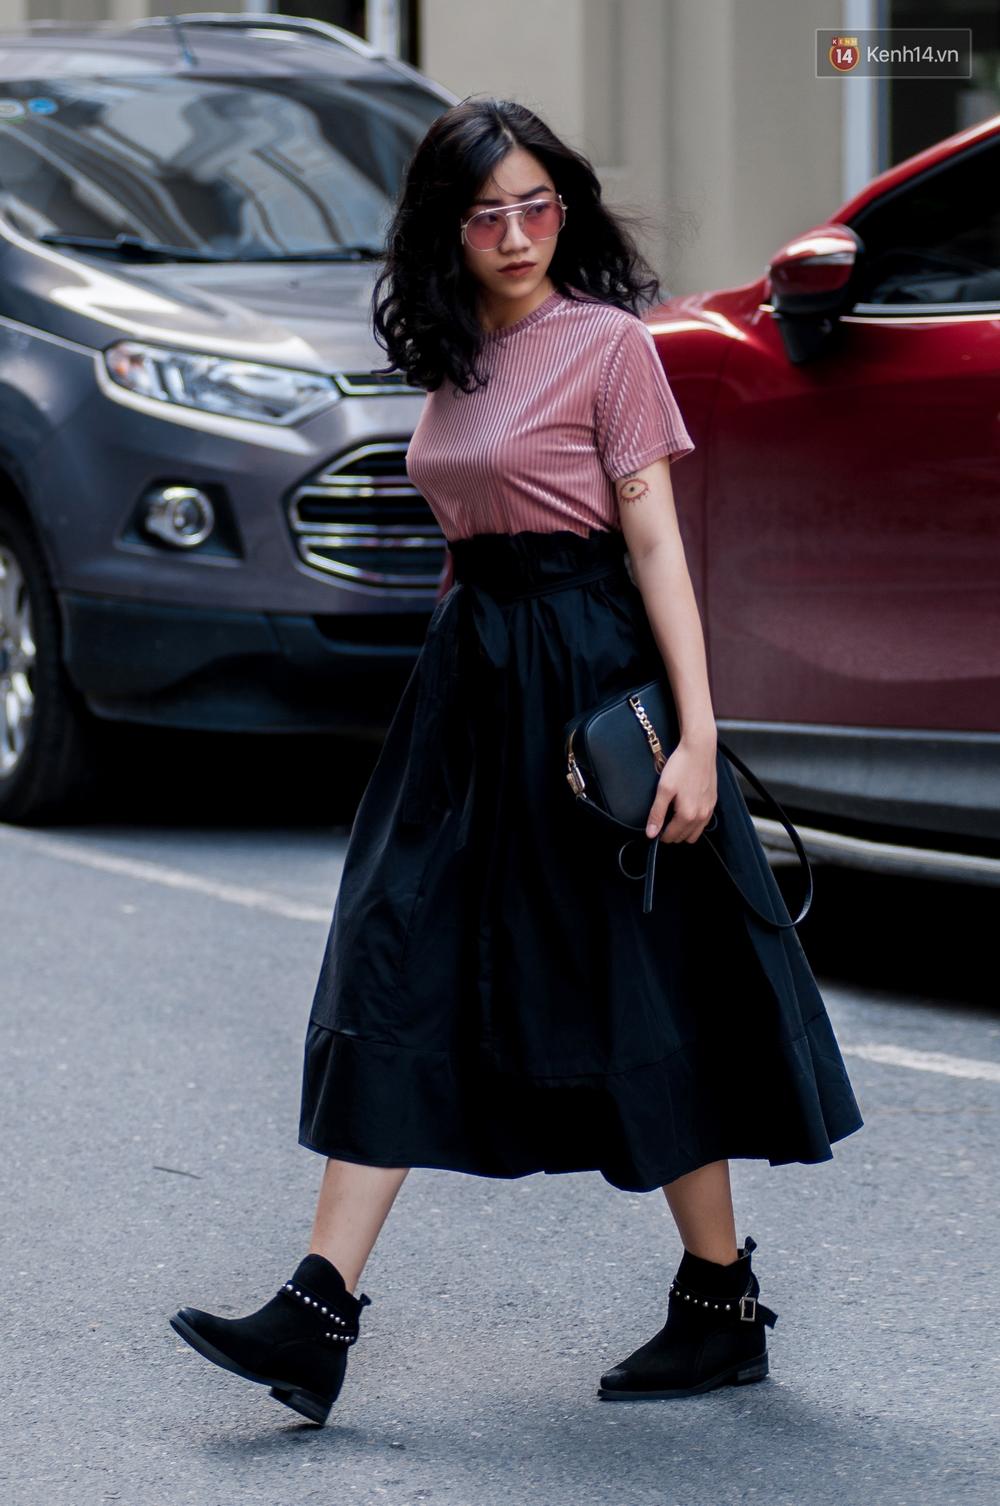 Street style 2 miền: Dù theo phong cách nữ tính hay cool ngầu, các bạn trẻ cũng mix đồ cực hay và diện toàn item trendy nhất - Ảnh 7.